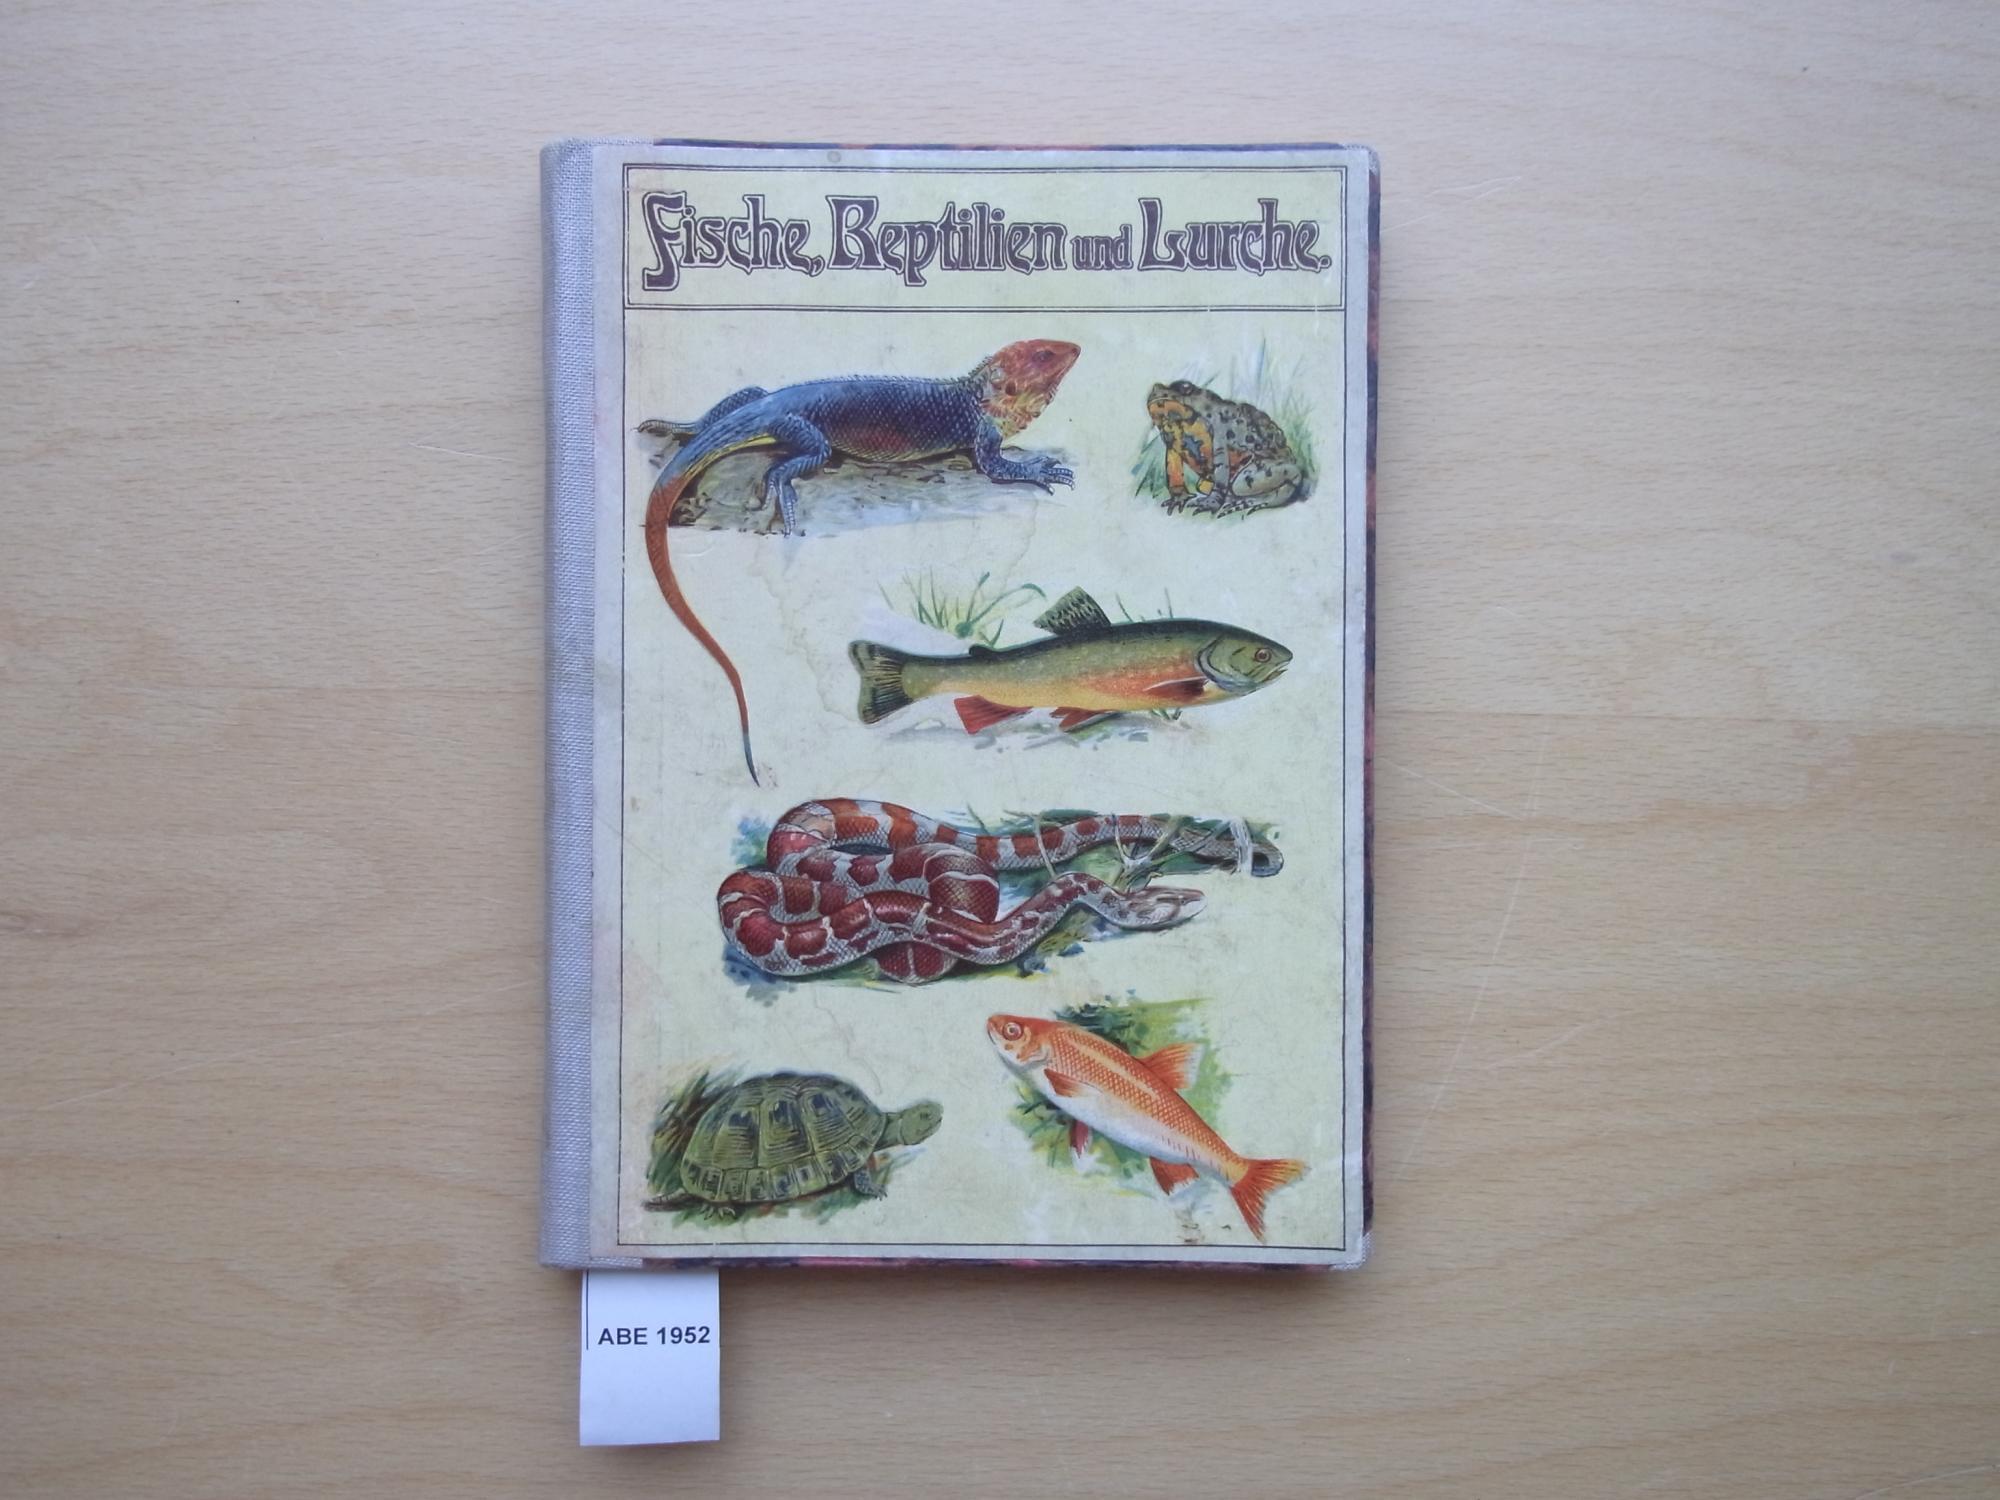 Fische, Reptilien und Lurche. 226 Abbildungen auf: Schleyer, August